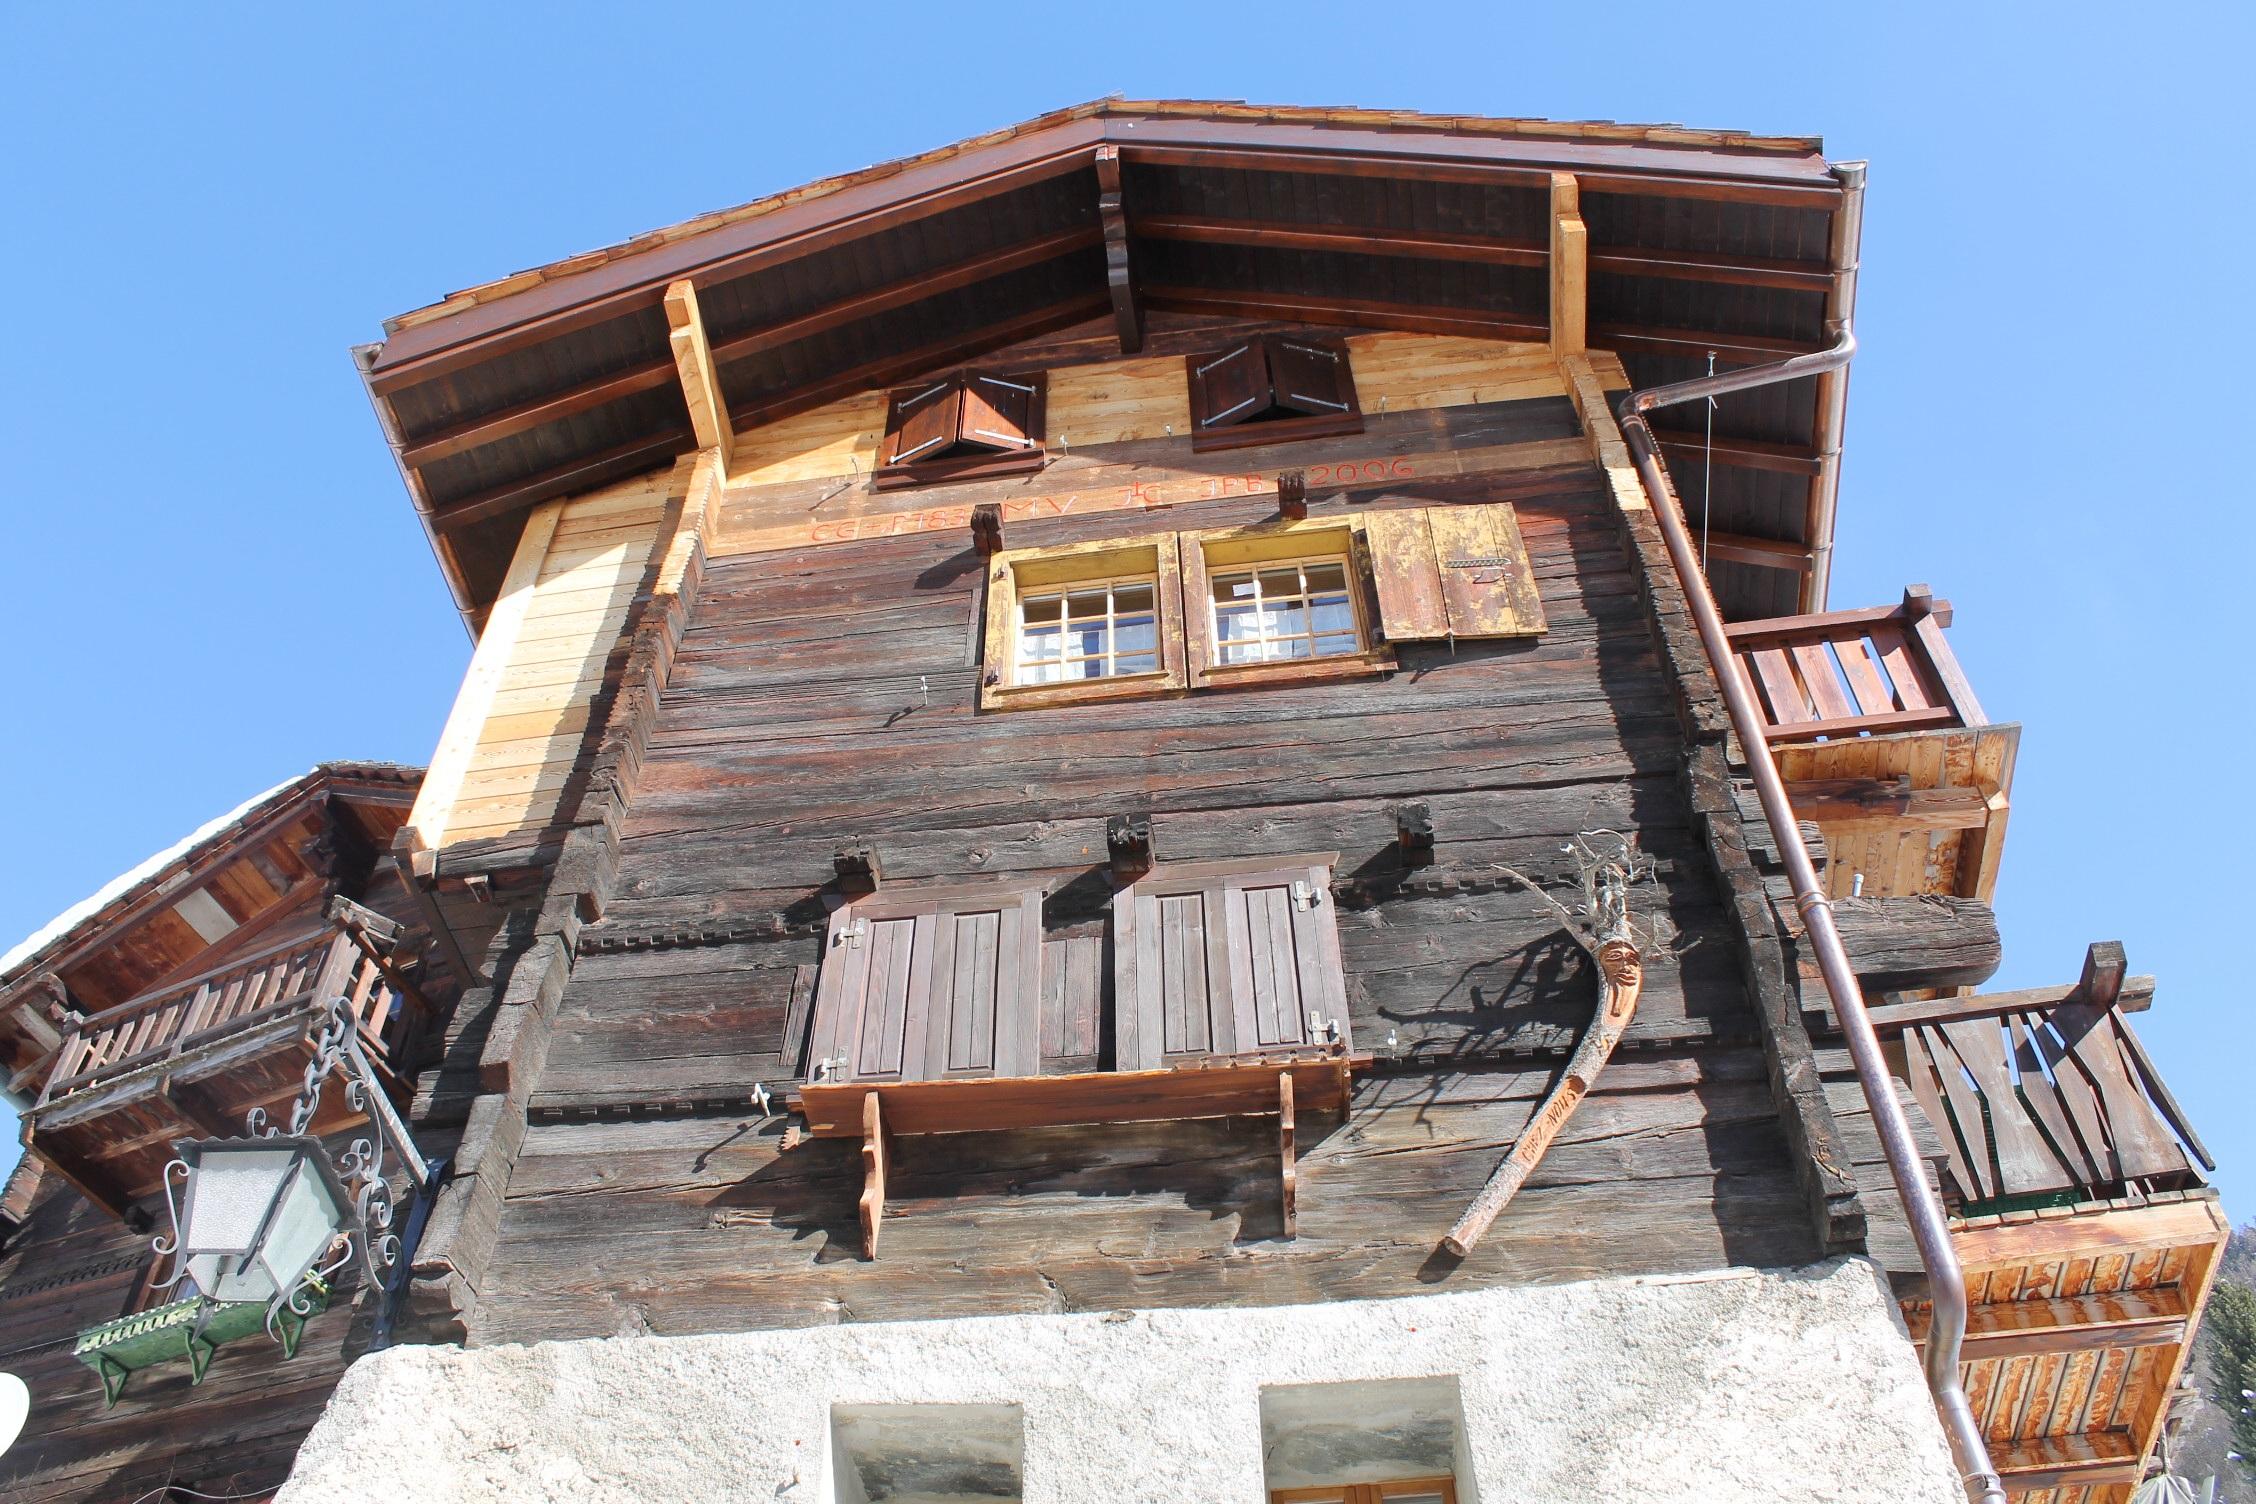 Fotos gratis : blanco, casa, techo, edificio, choza, fachada, azul ...